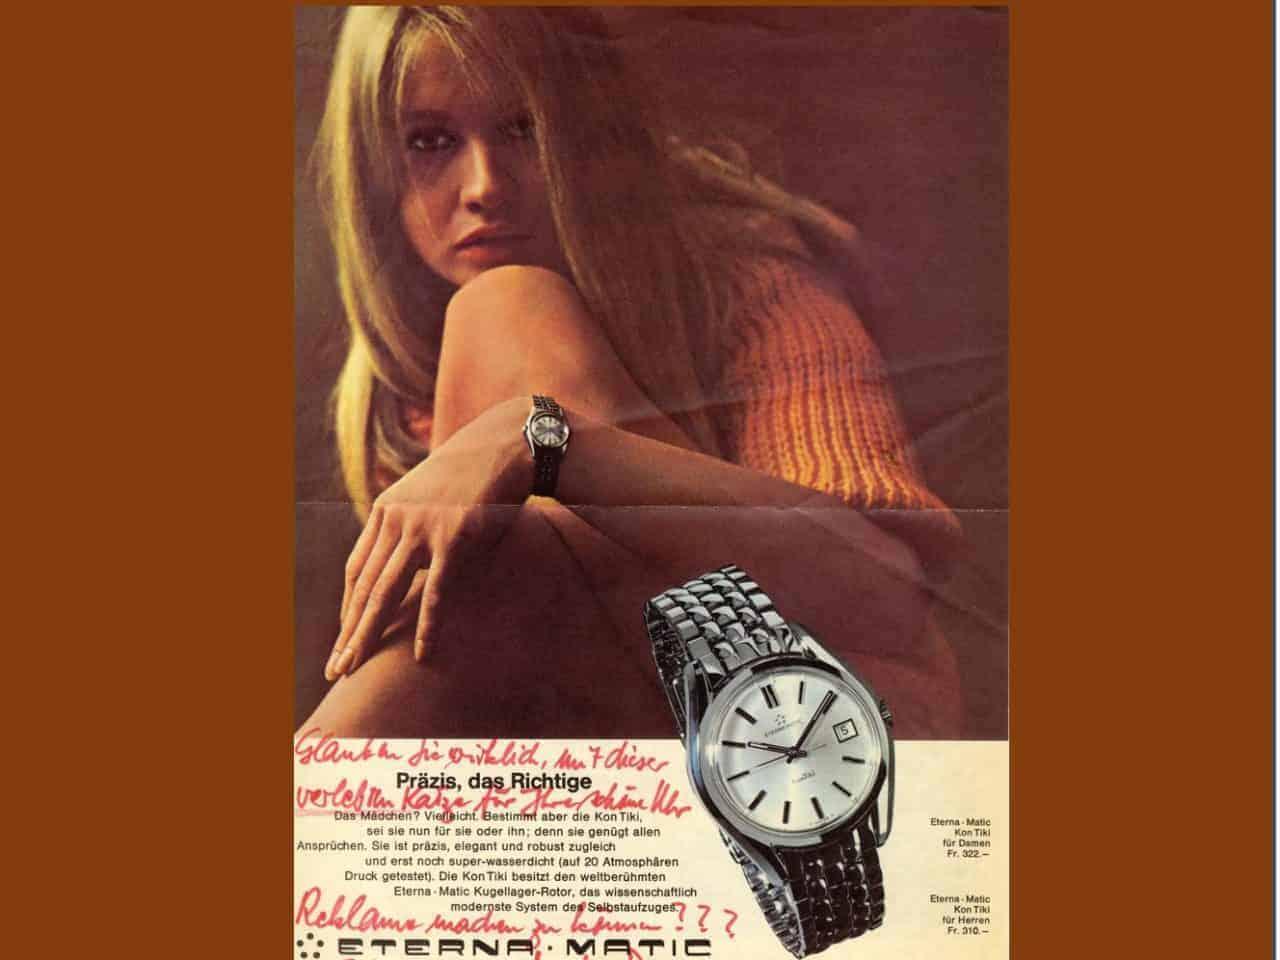 Alte Eterna Kontiki Werbung: Mit dieser verlebten Katze Reklame für eine schöne Uhr machen ?